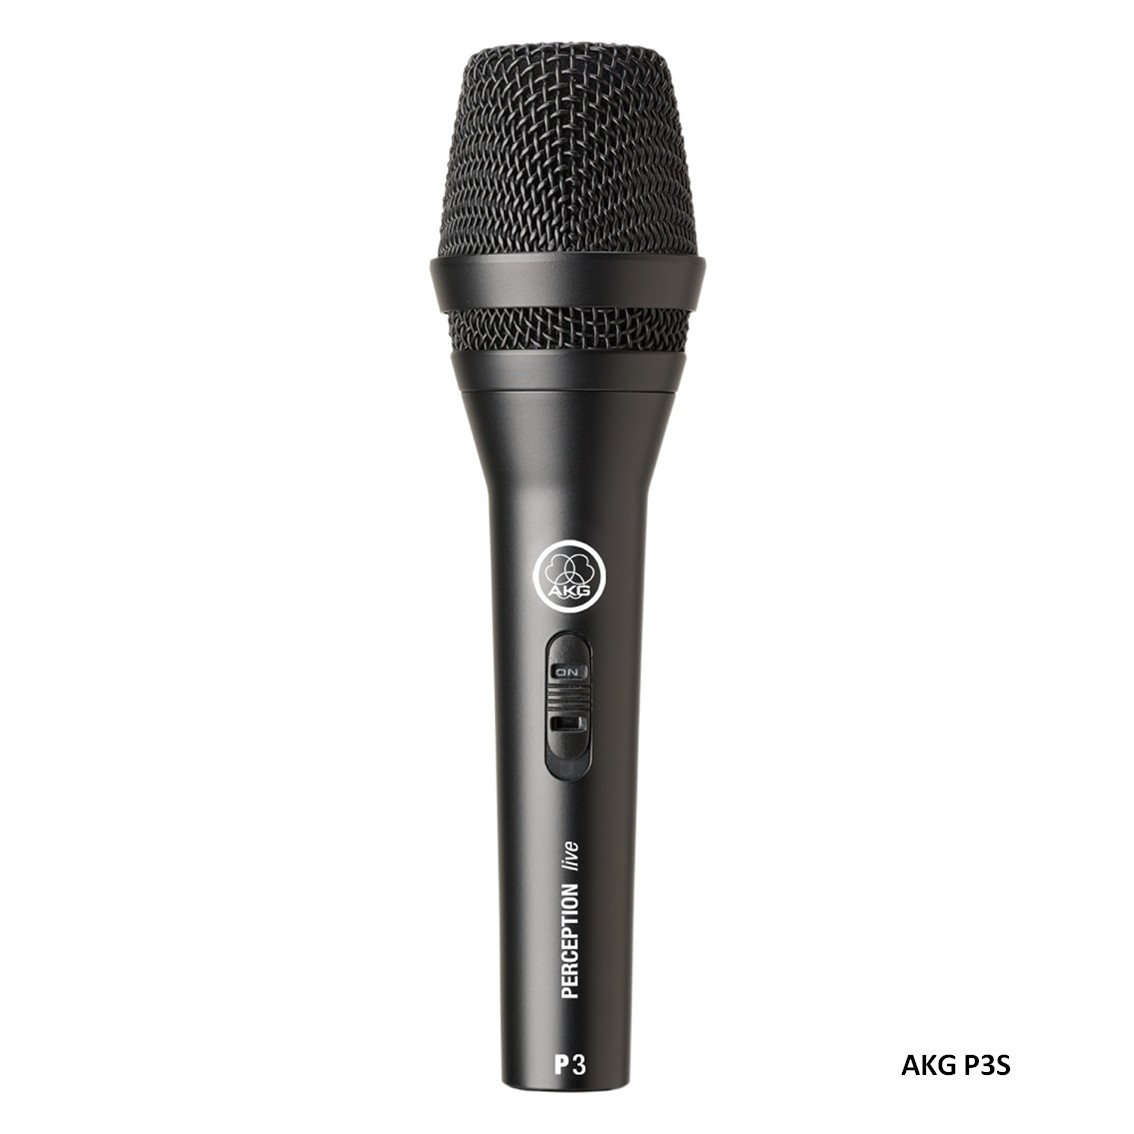 Imagem do produto Microfone de Mão AKG P3S